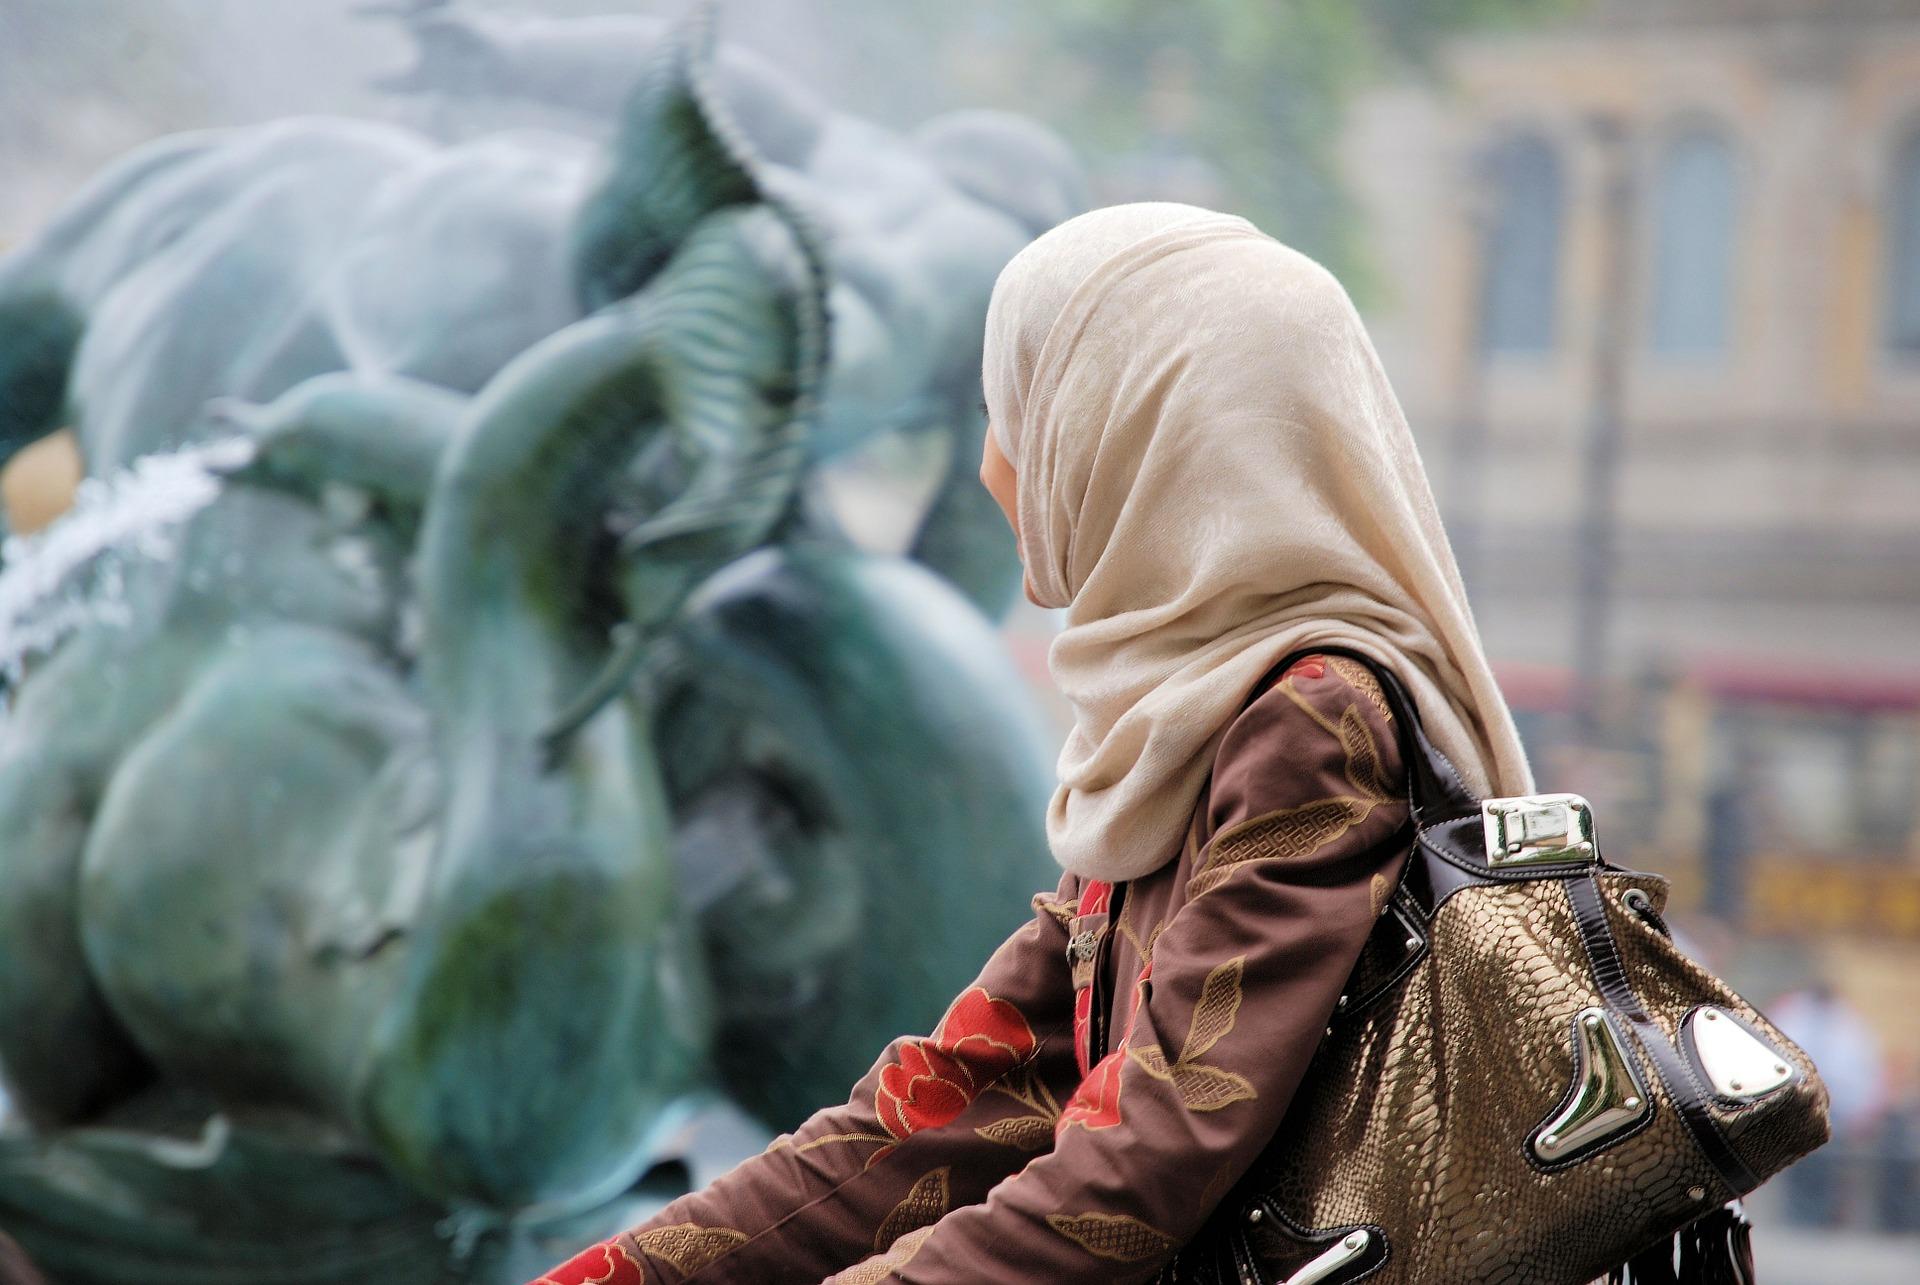 Wraz ze wzrostem zamożności klasy średniej muzułmanie odkrywają turystykę w Europie i Afryce (Fot. Shutterstock)